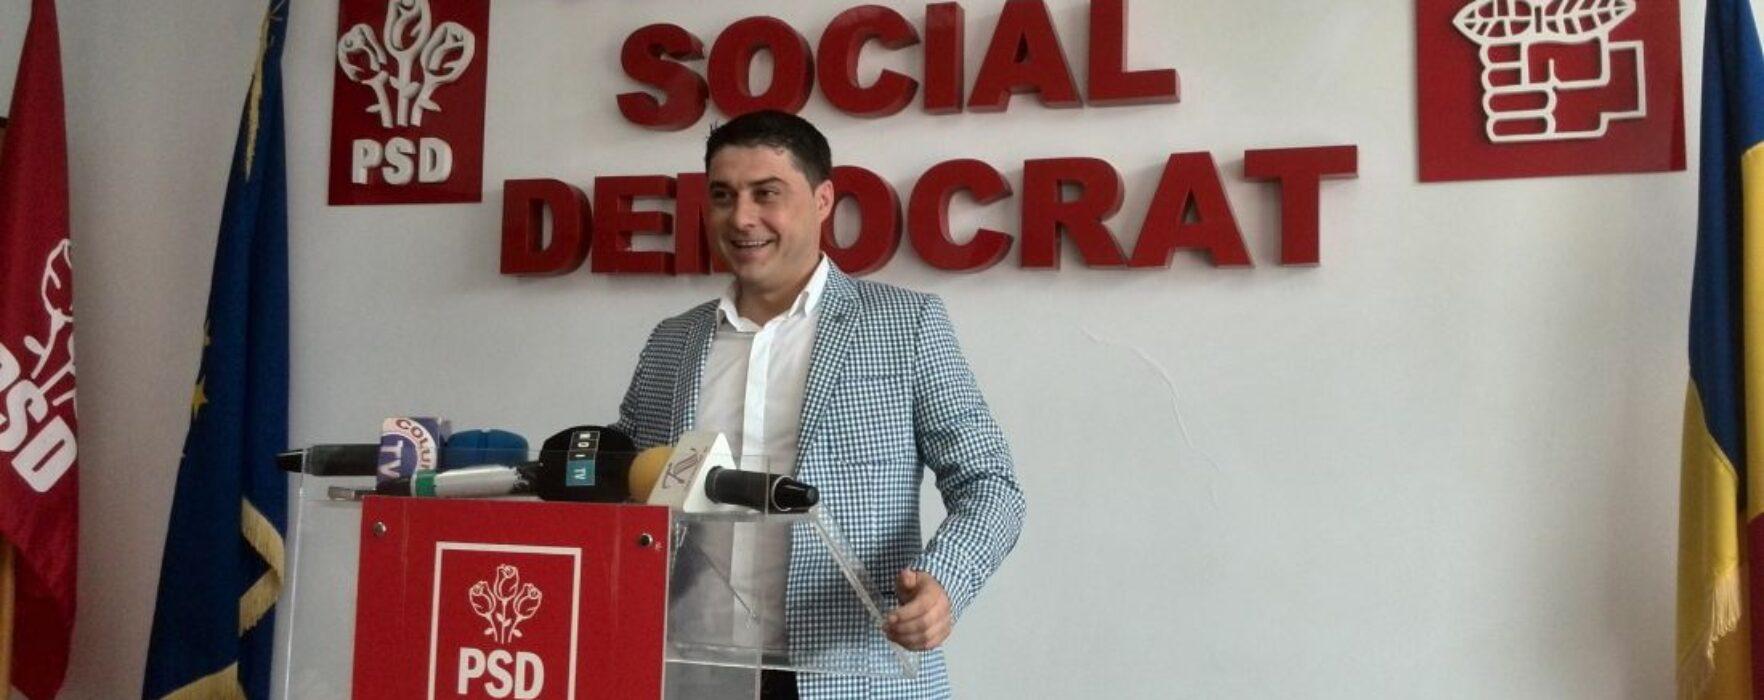 Dâmboviţa: Fostul lider PPDD şi UNPR Cosmin Bozieru s-a înscris în PSD